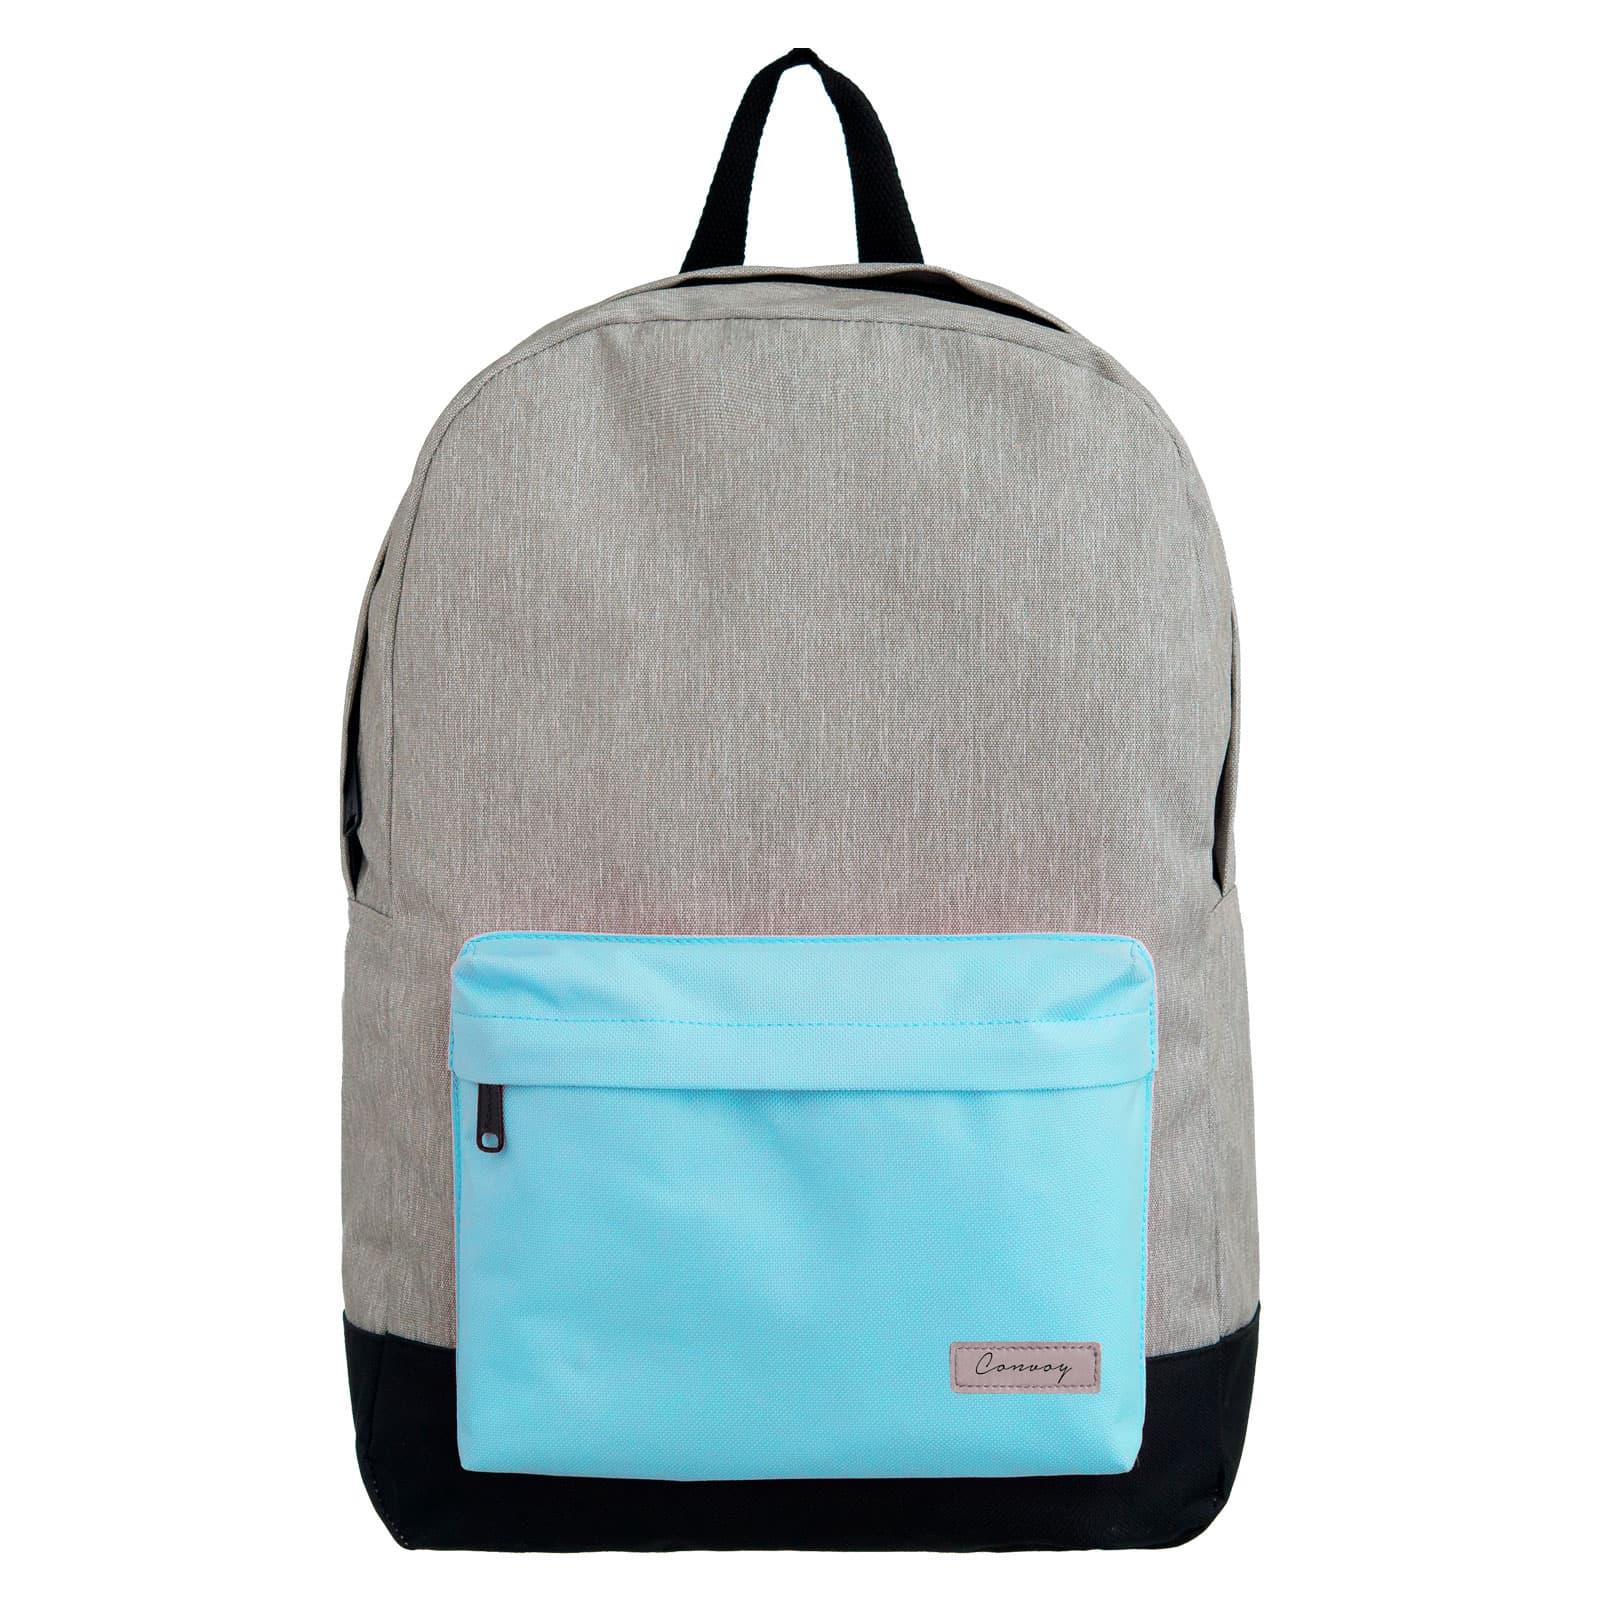 Mochila escolar cinza/azul pastel YS29116 Convoy